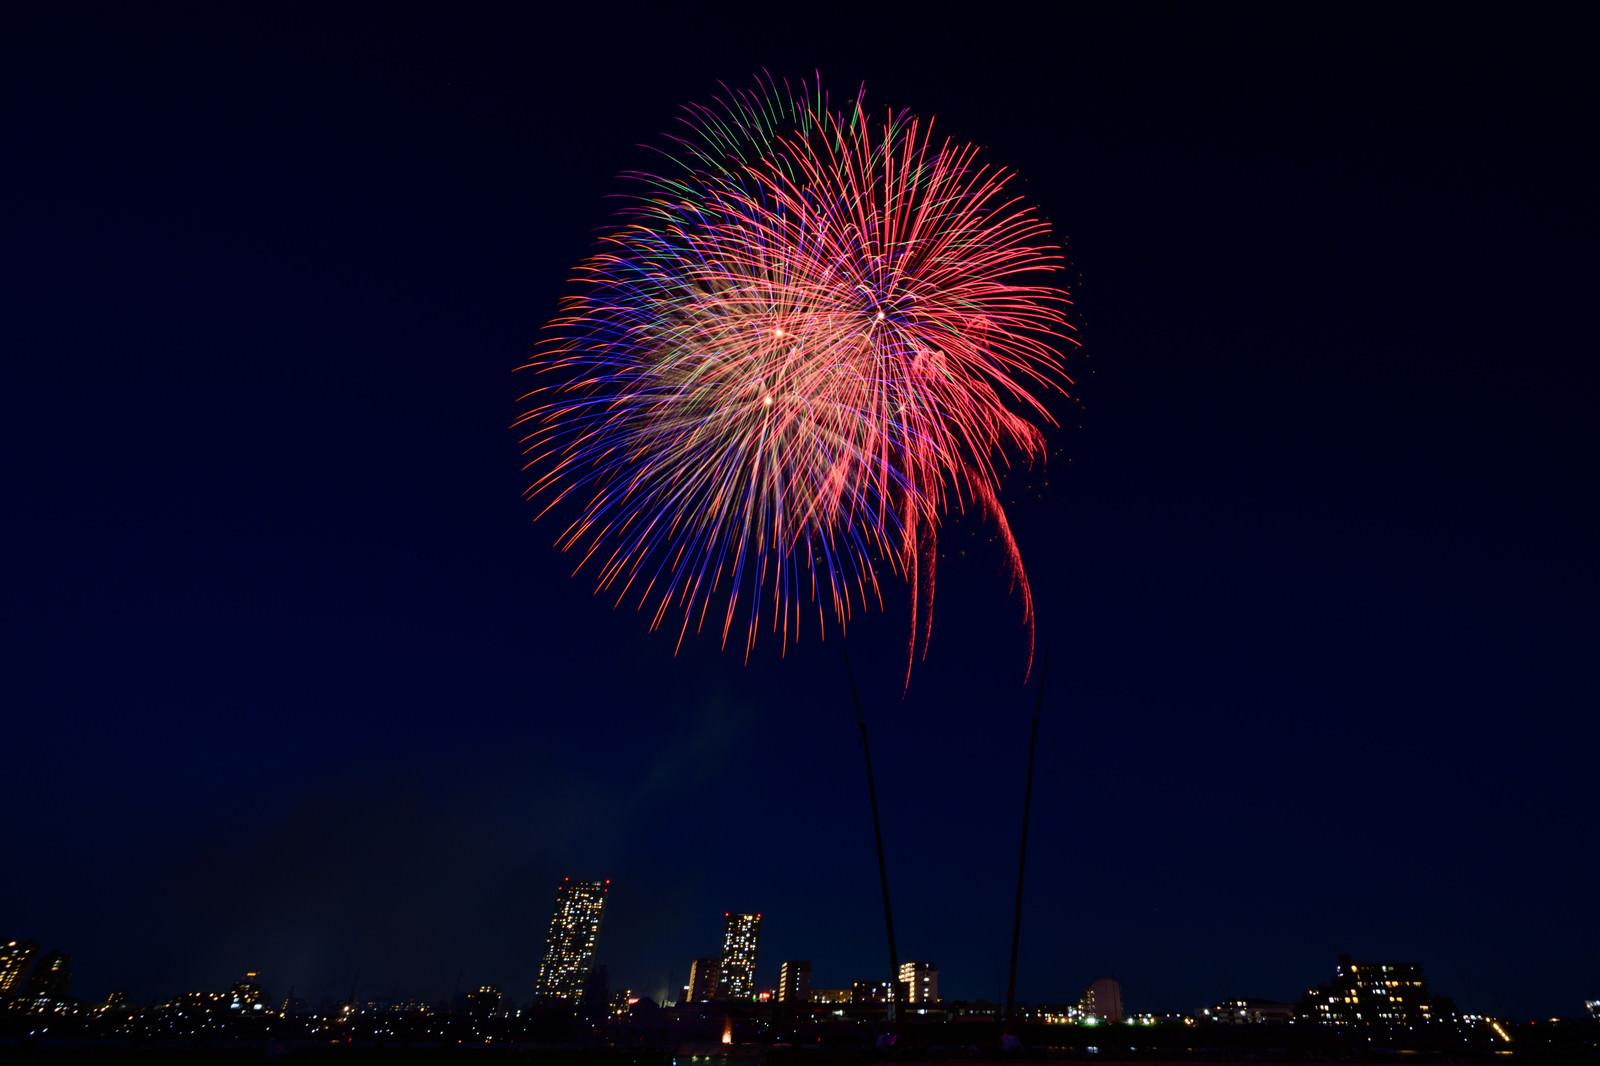 「都会の夜空に打ち上げる花火 | 写真の無料素材・フリー素材 - ぱくたそ」の写真